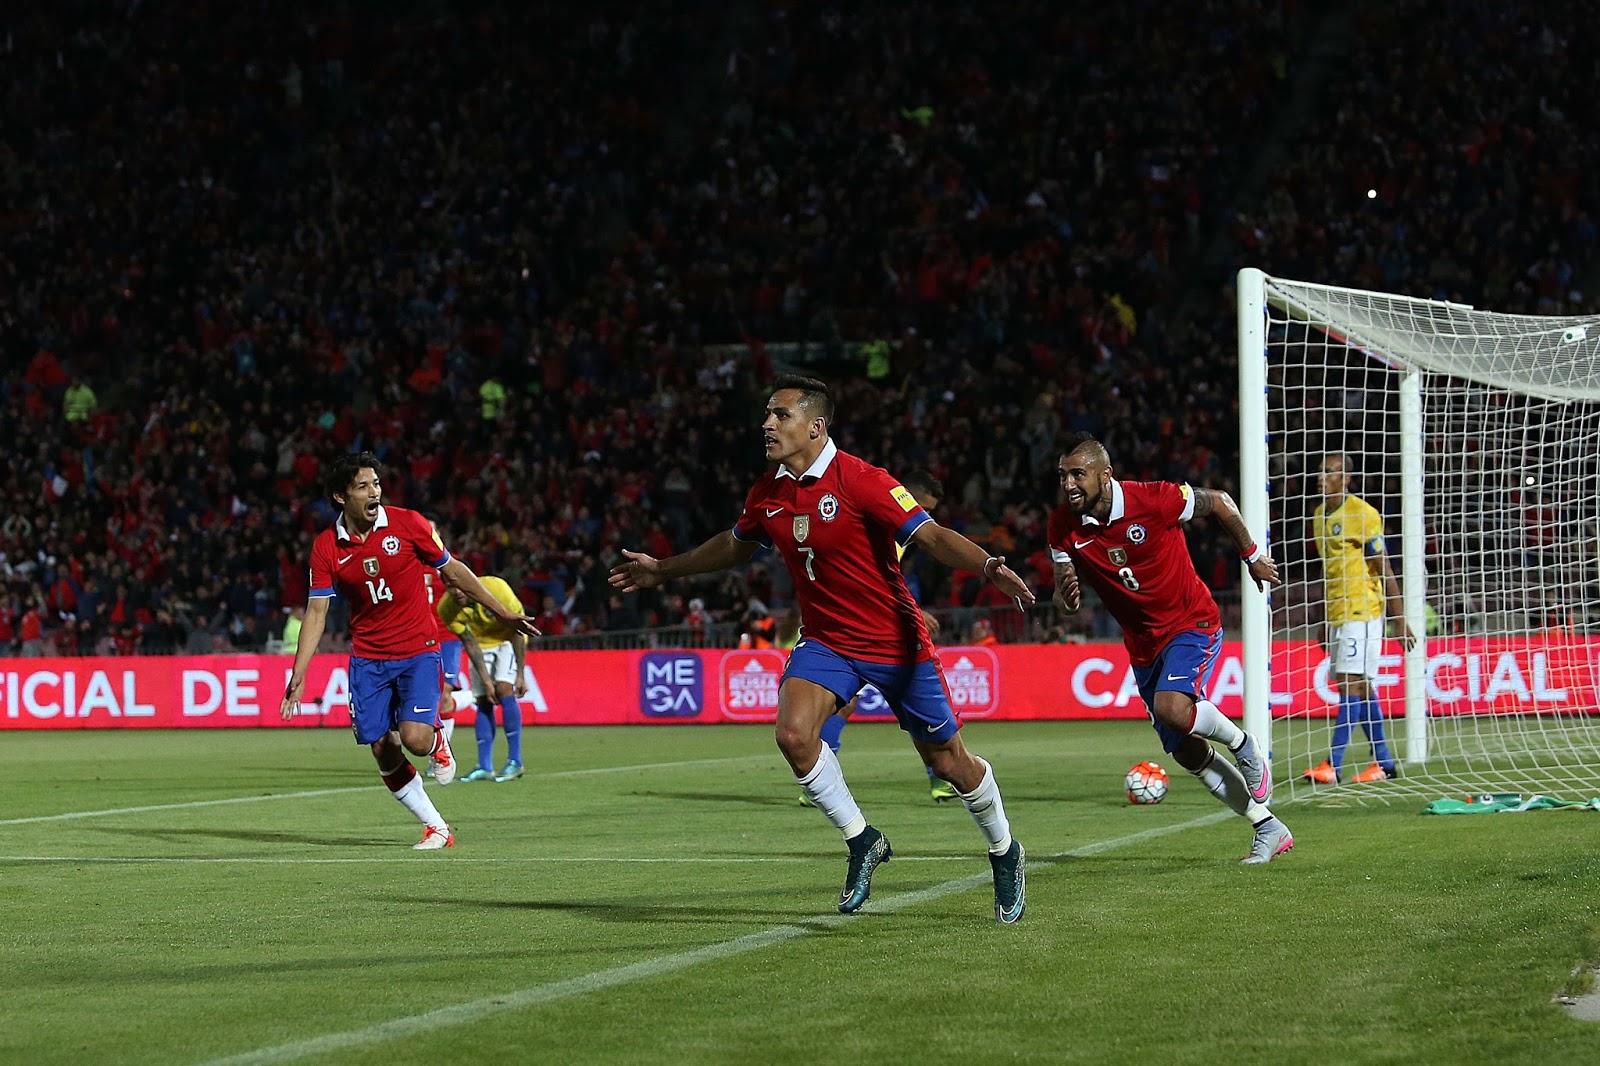 Chile y Brasil en Clasificatorias a Rusia 2018, 8 de octubre de 2015